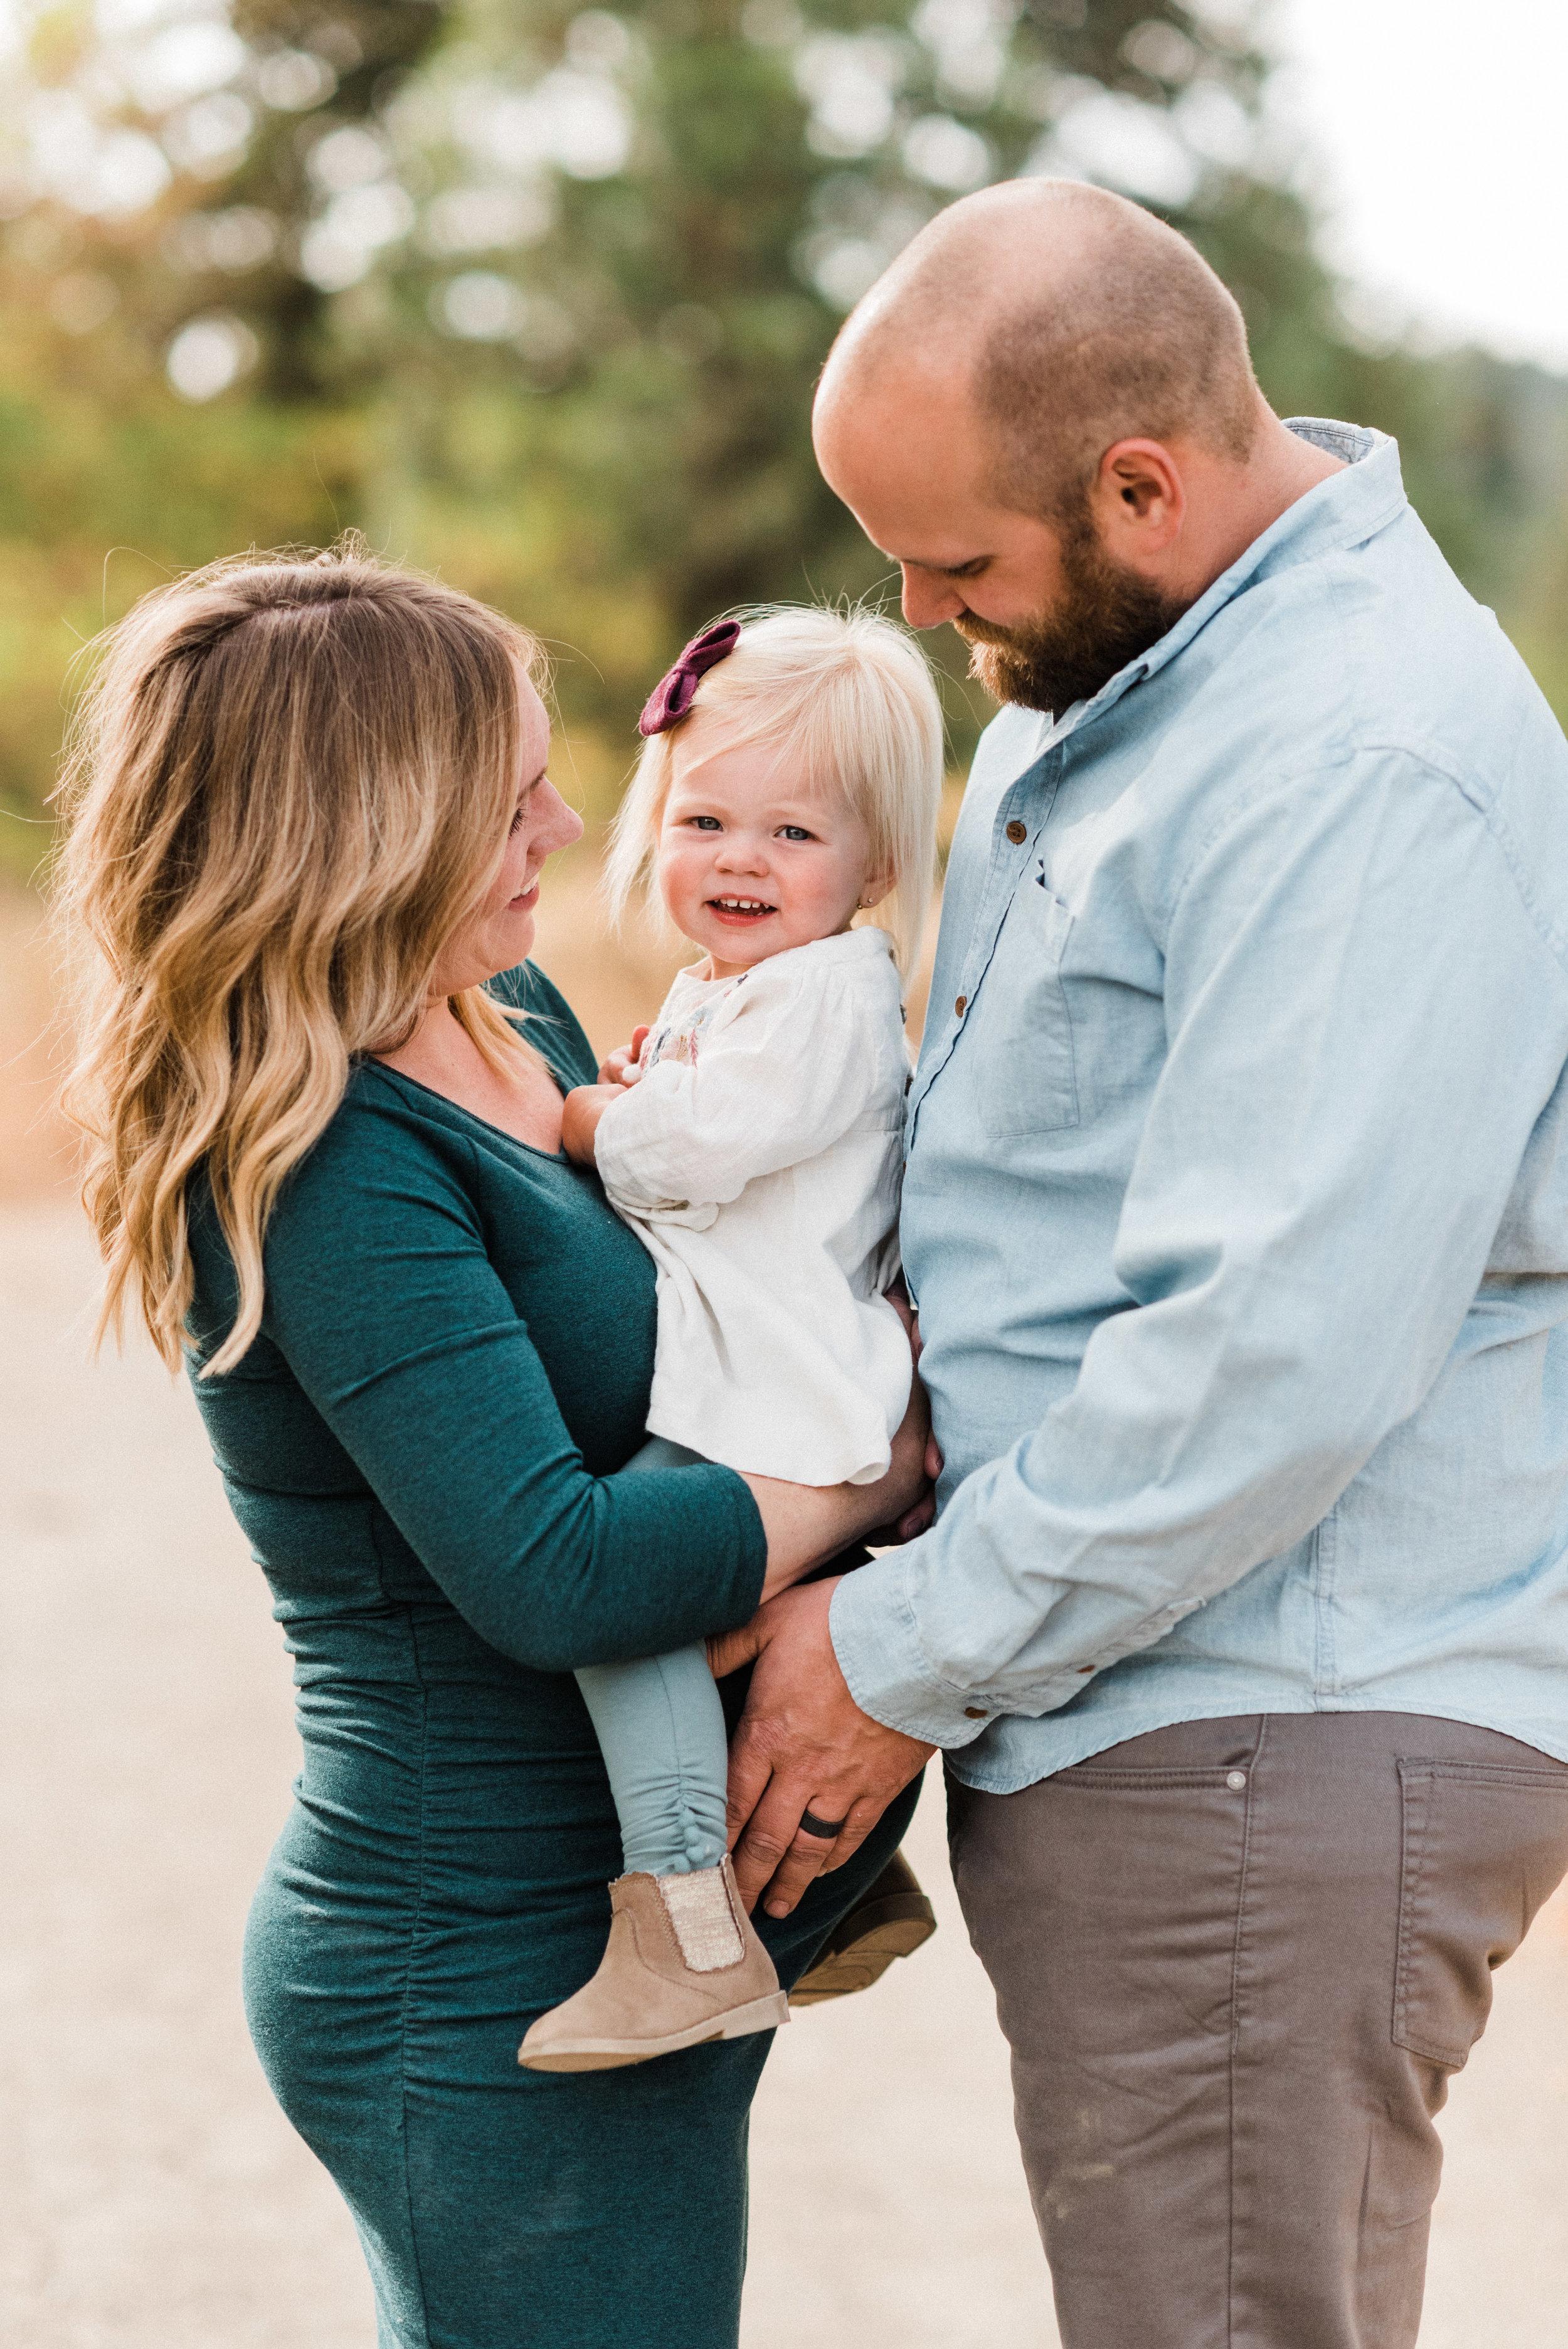 spokane_fall_family_maternity_session (7 of 16).jpg